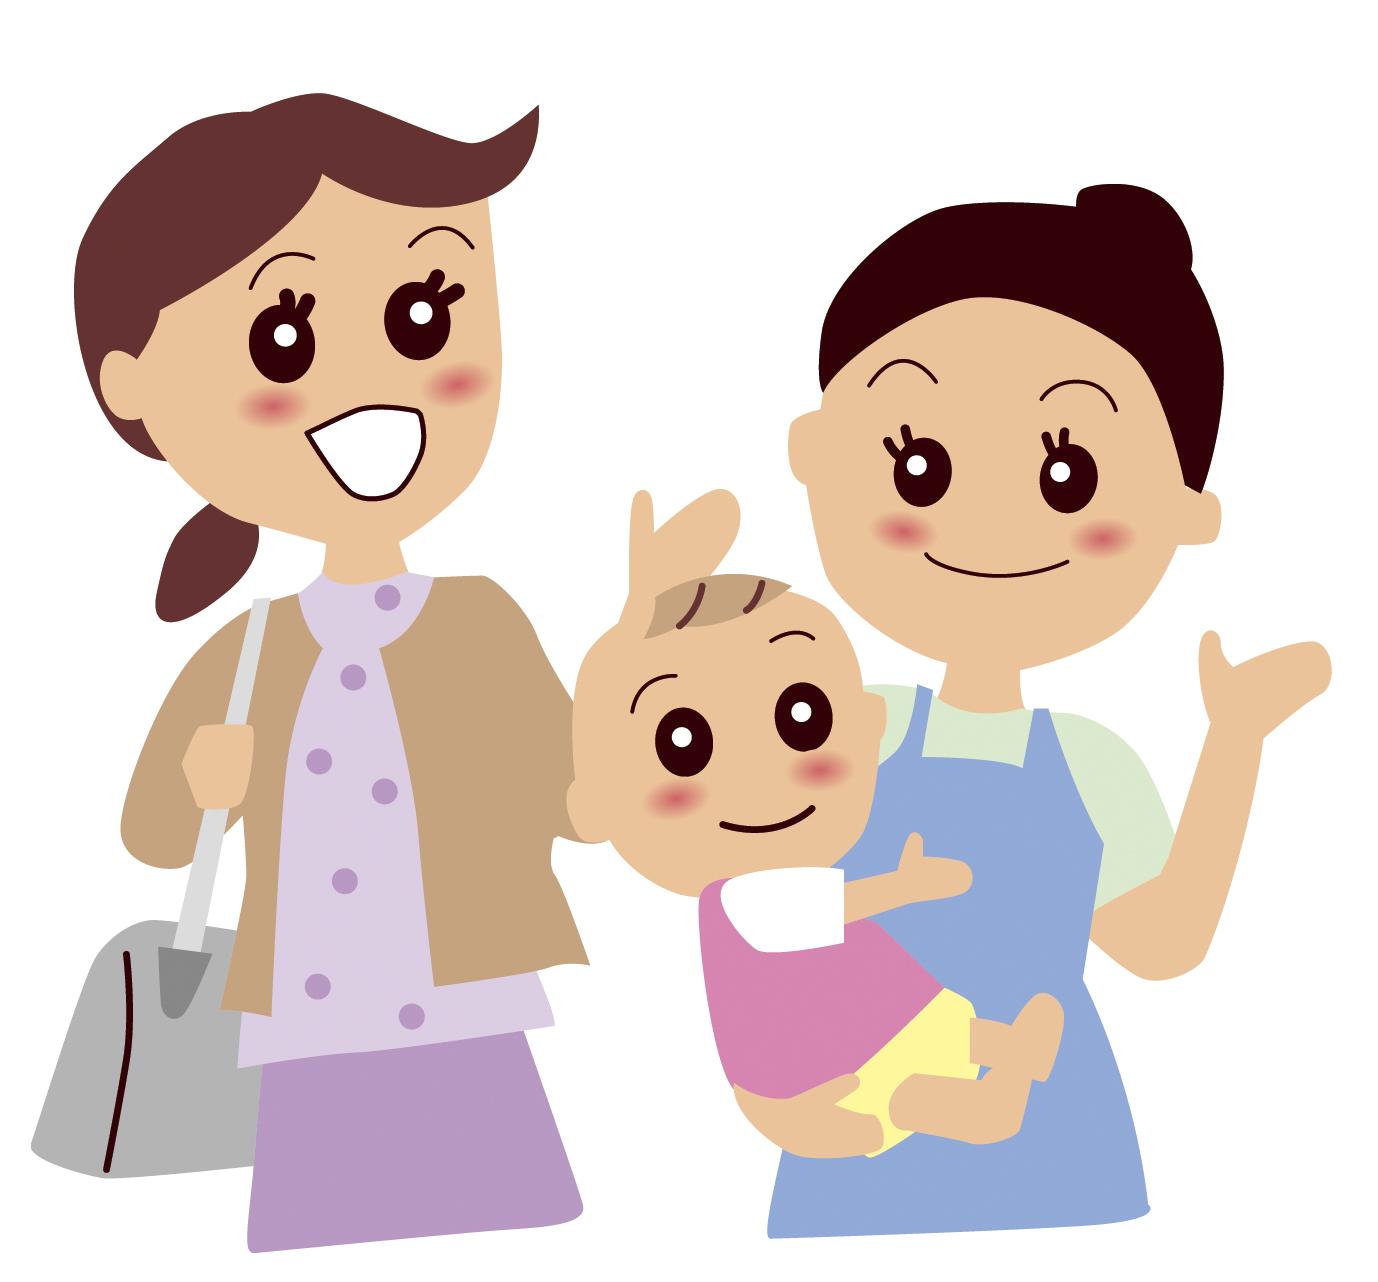 院内保育所カット 働き続けるために安心して子どもを預けられる院内保育所は不可欠です